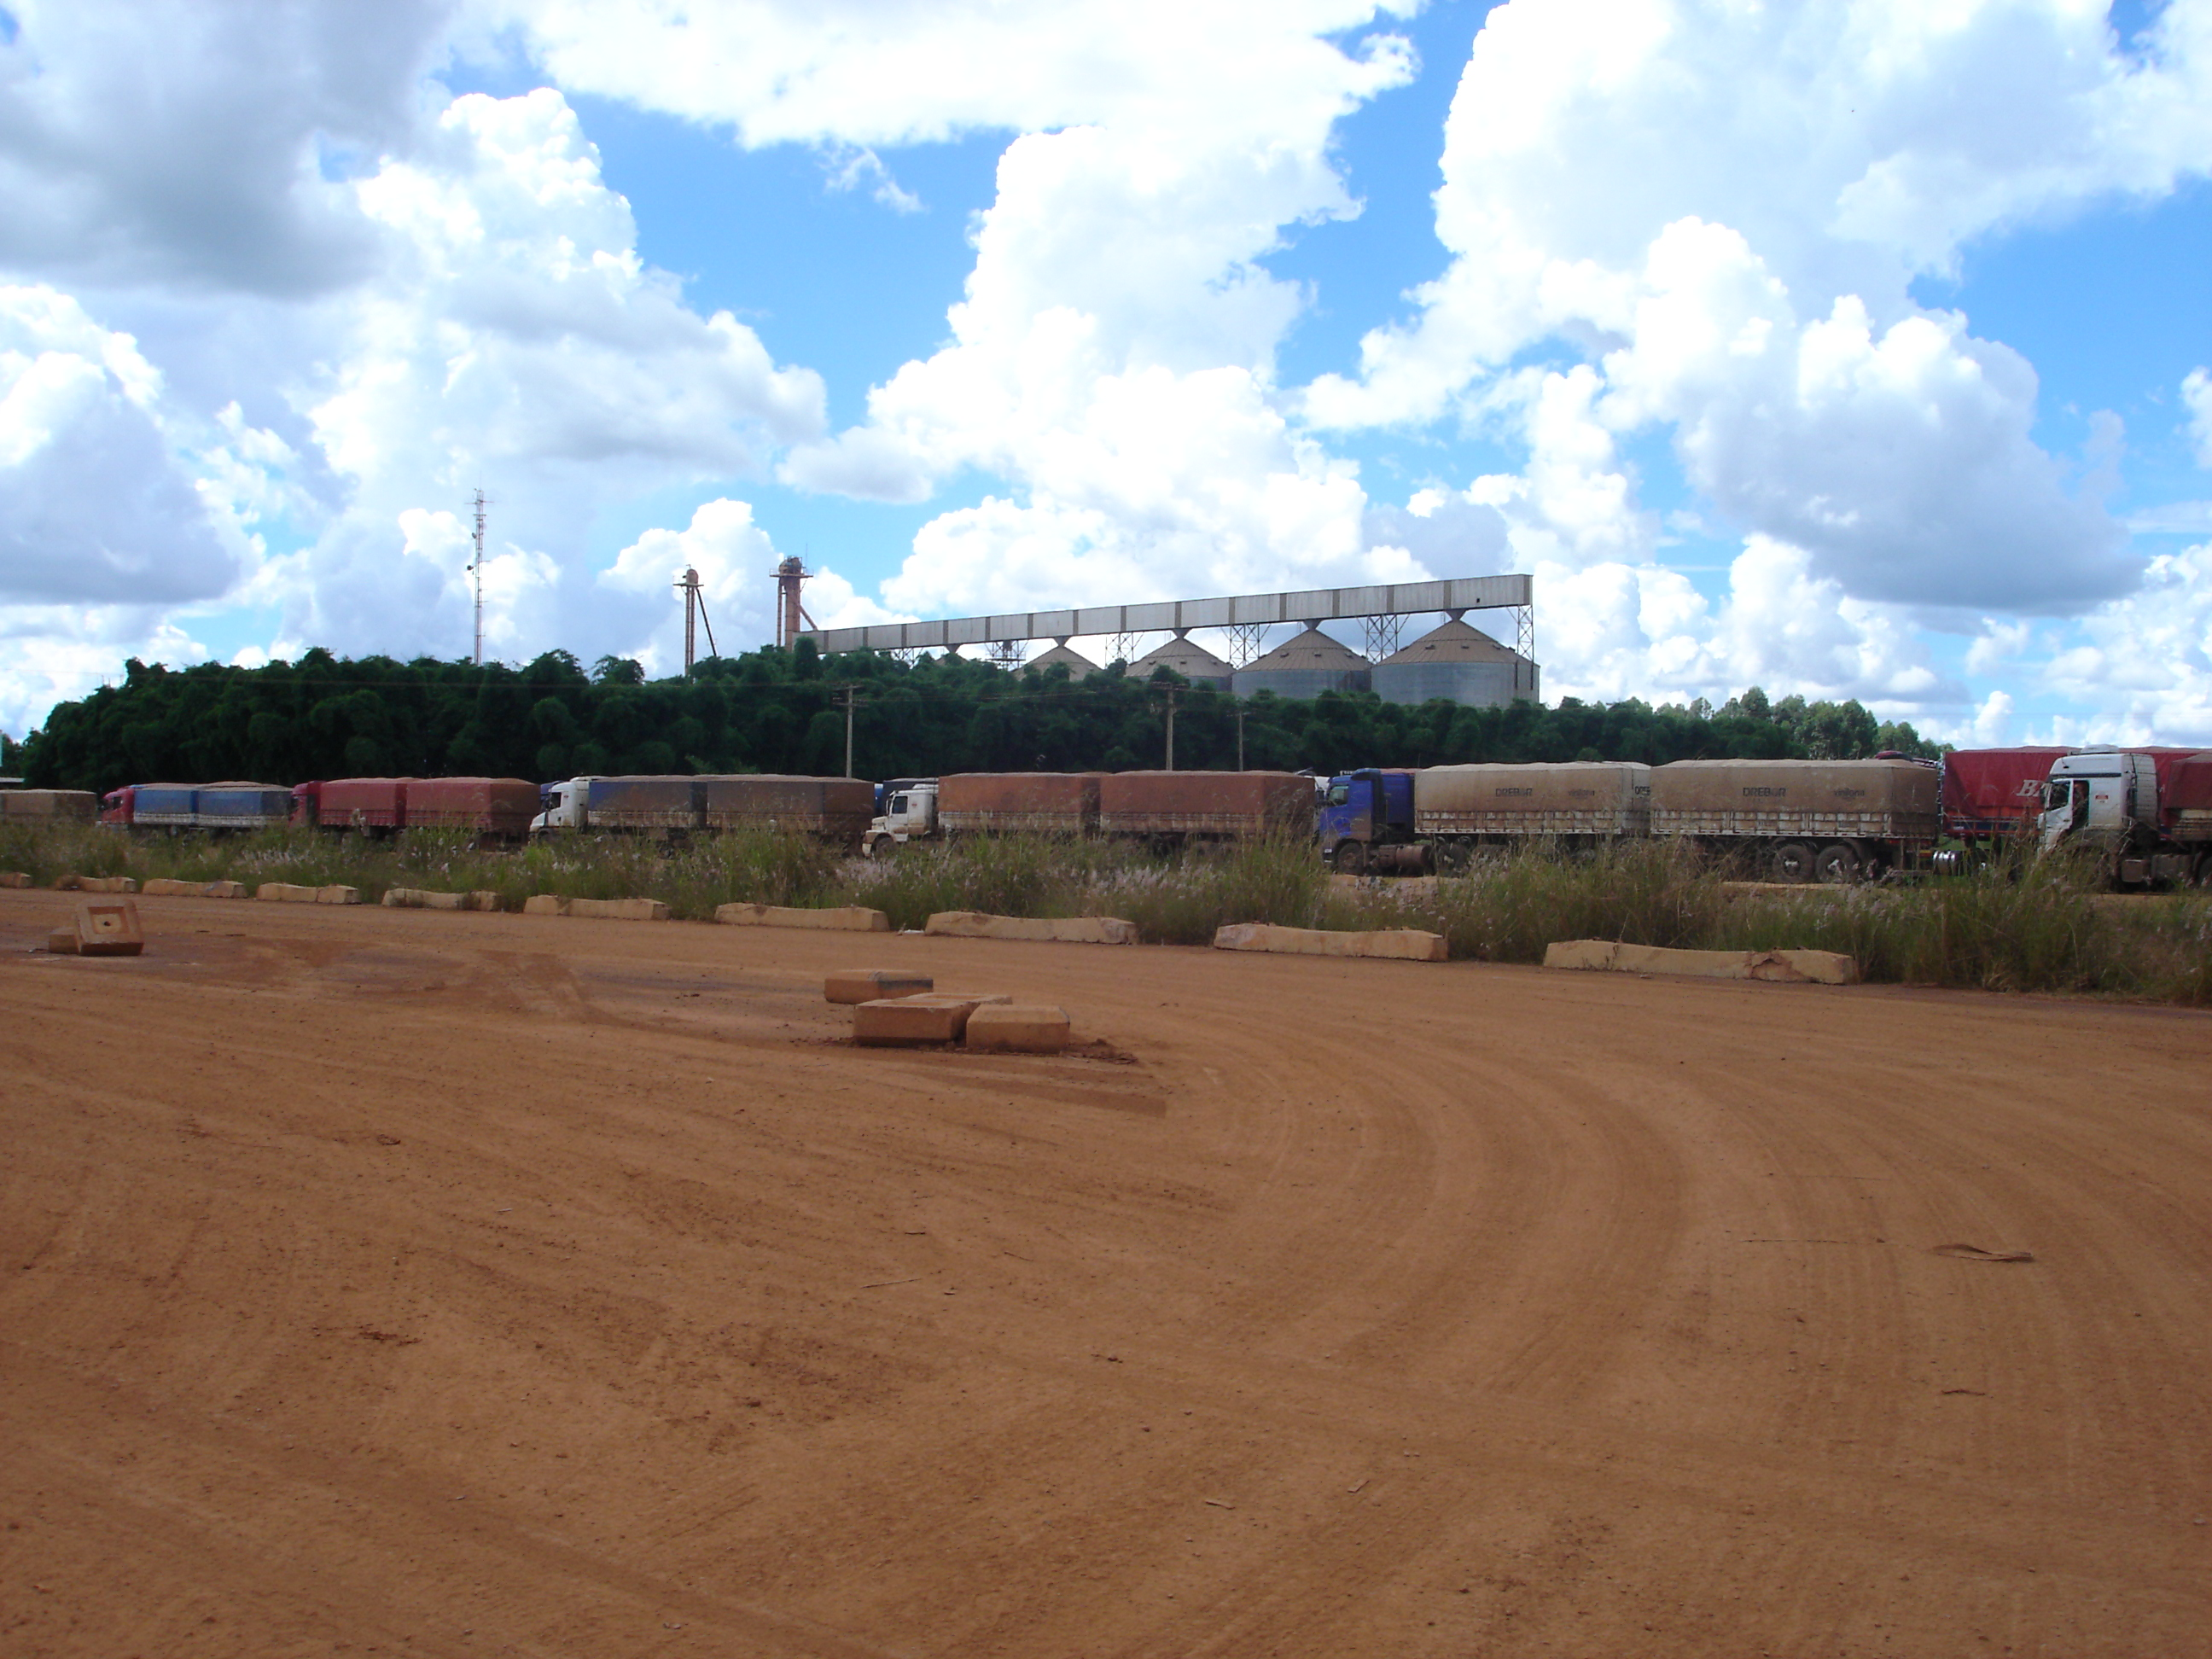 Trucks waiting to unload soybeans at Ferronorte Railroad in Alto Taquari, Mato Grosso